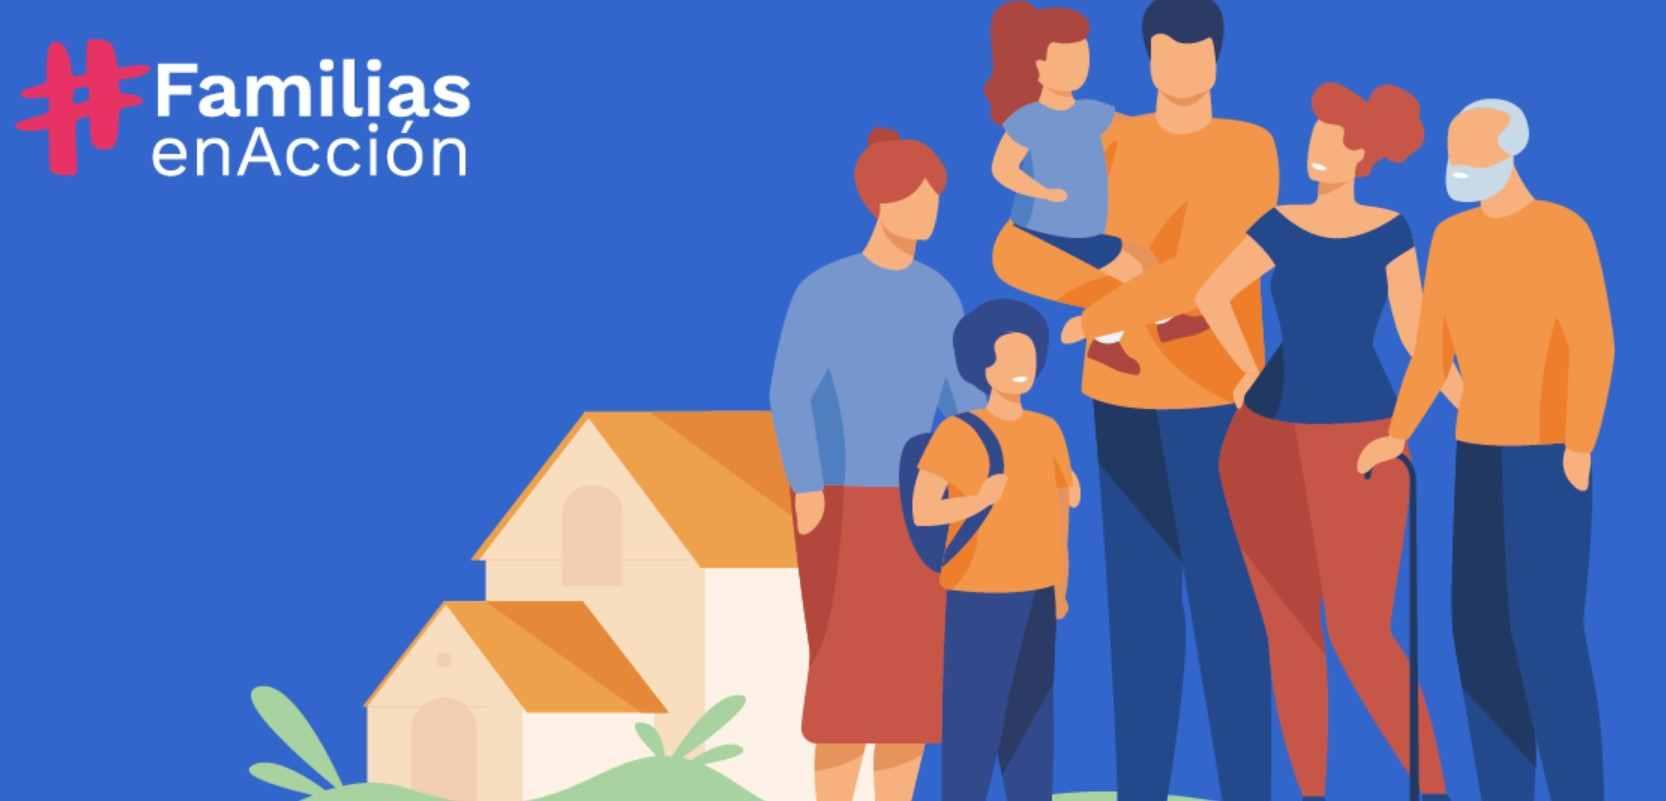 Consulte el link para saber si se puede estar en Familias en Acción